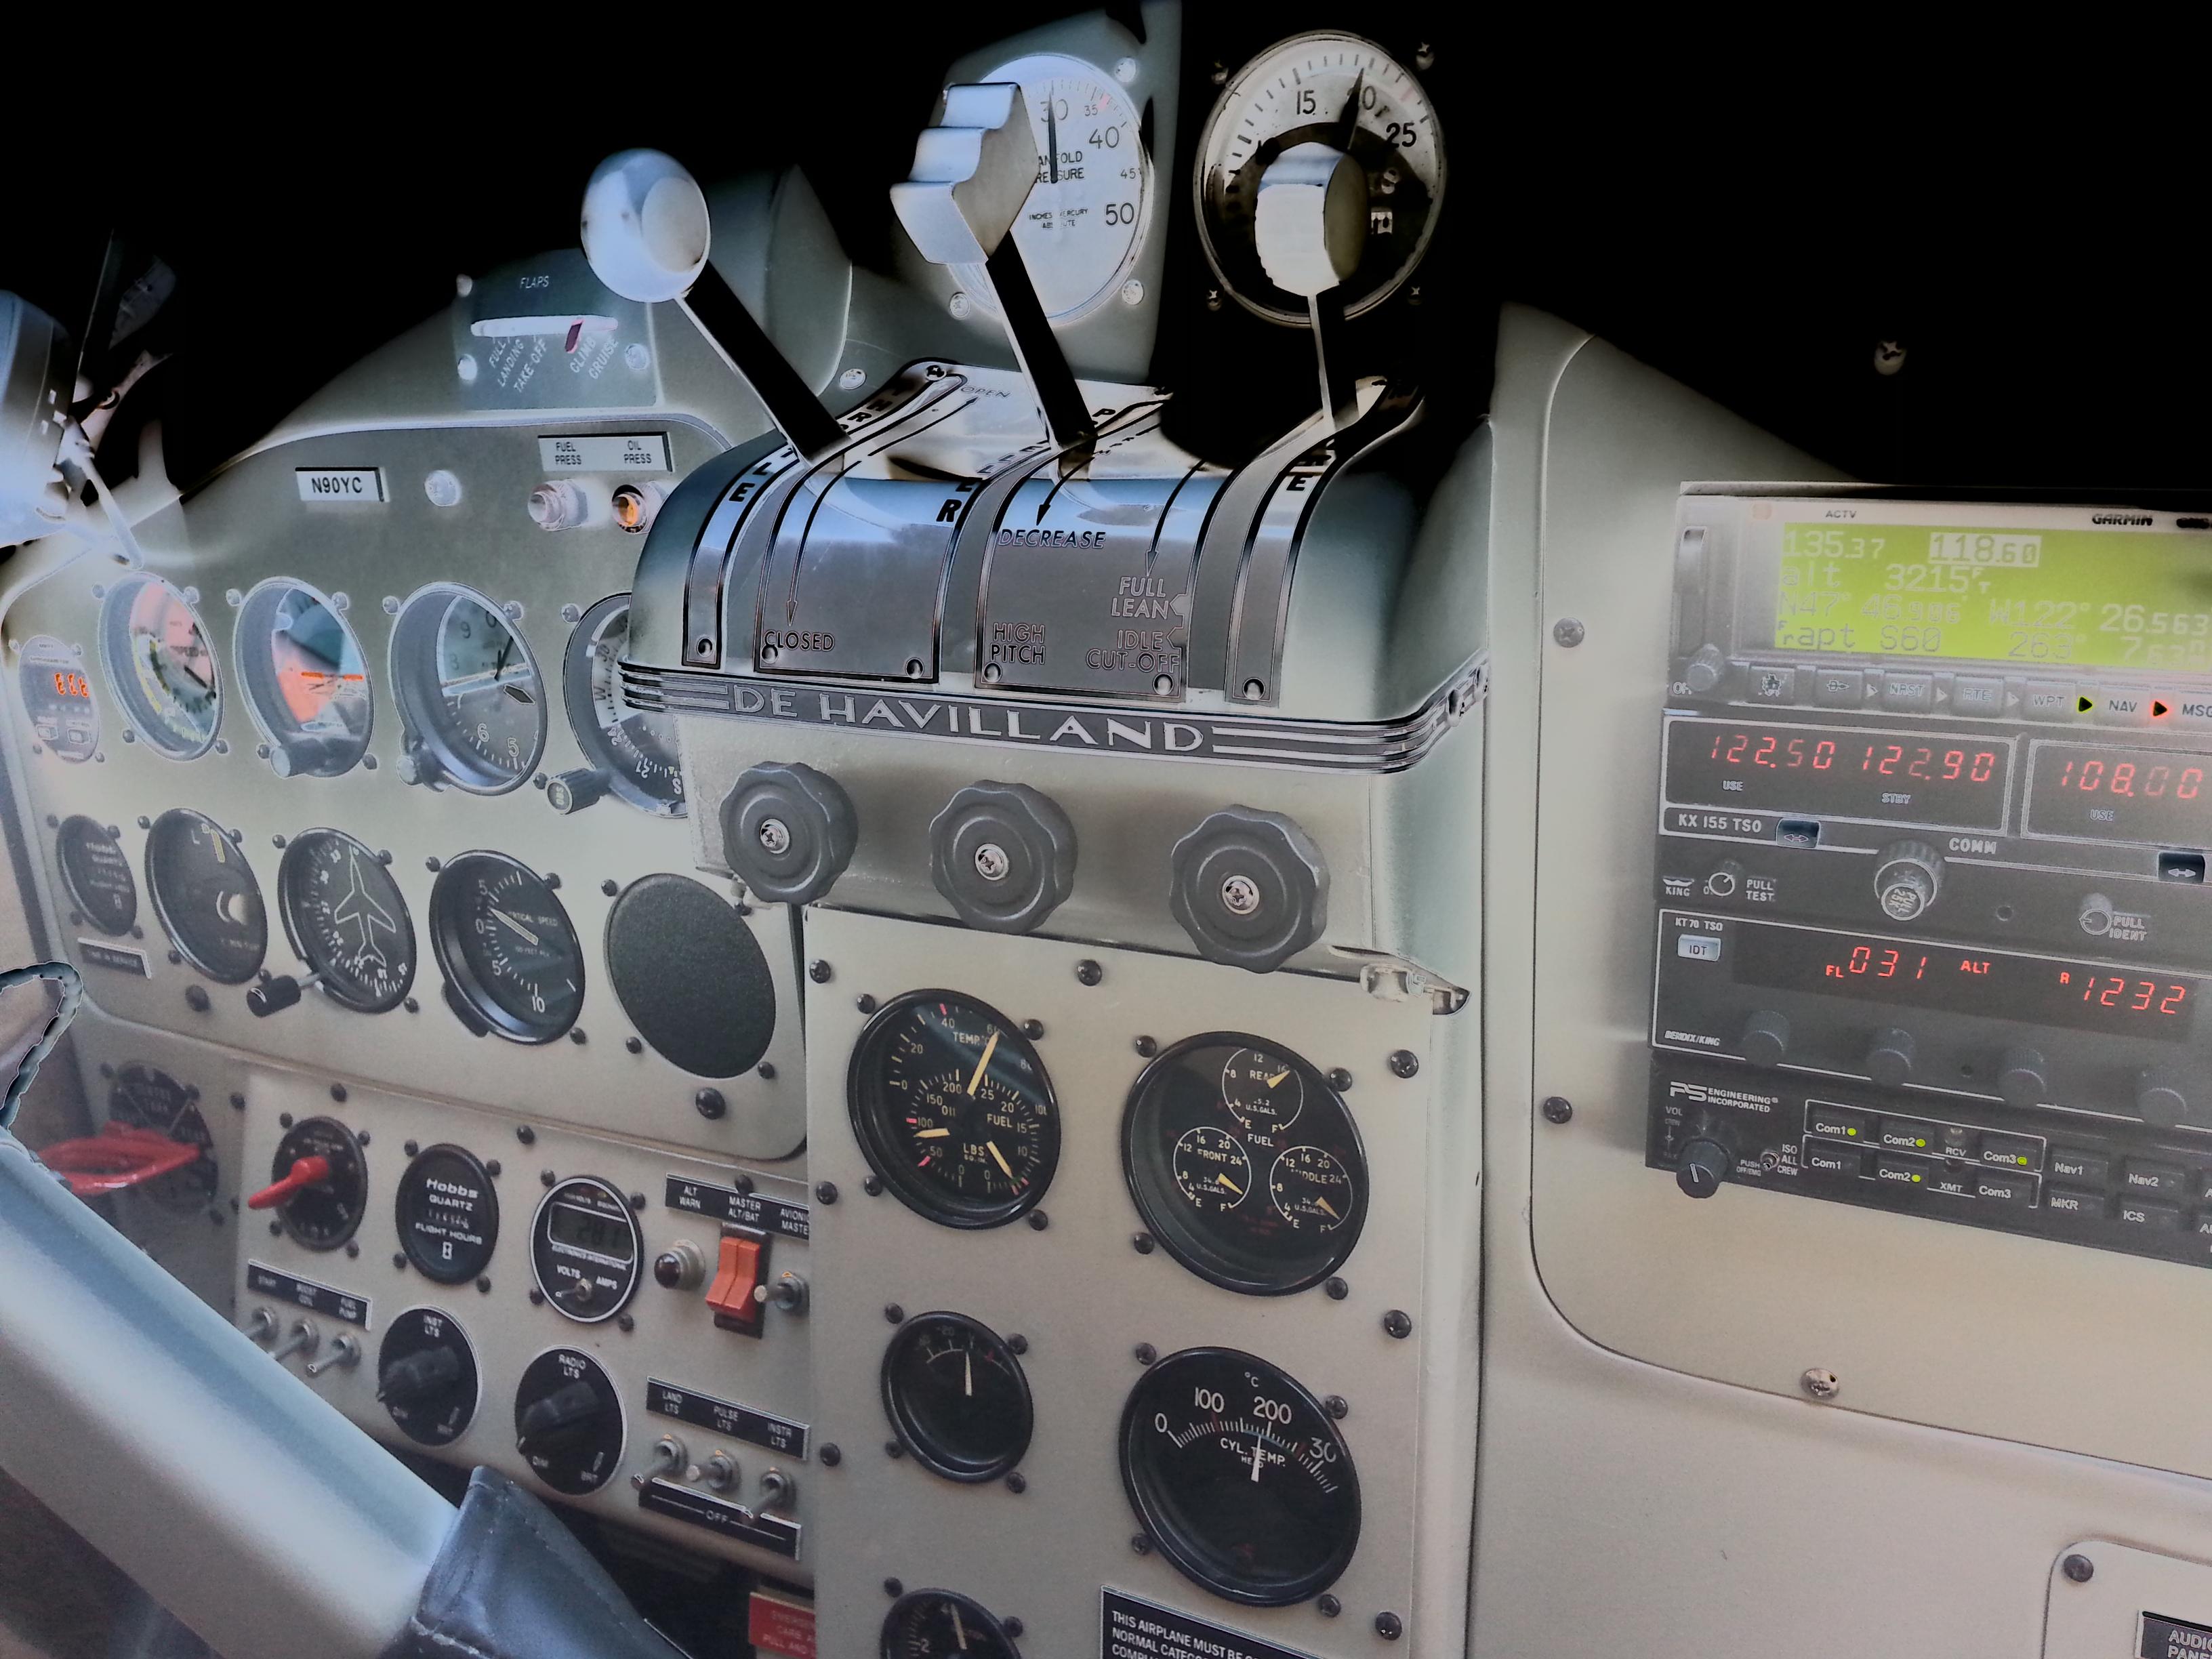 DeHavilland Beaver DHC-2